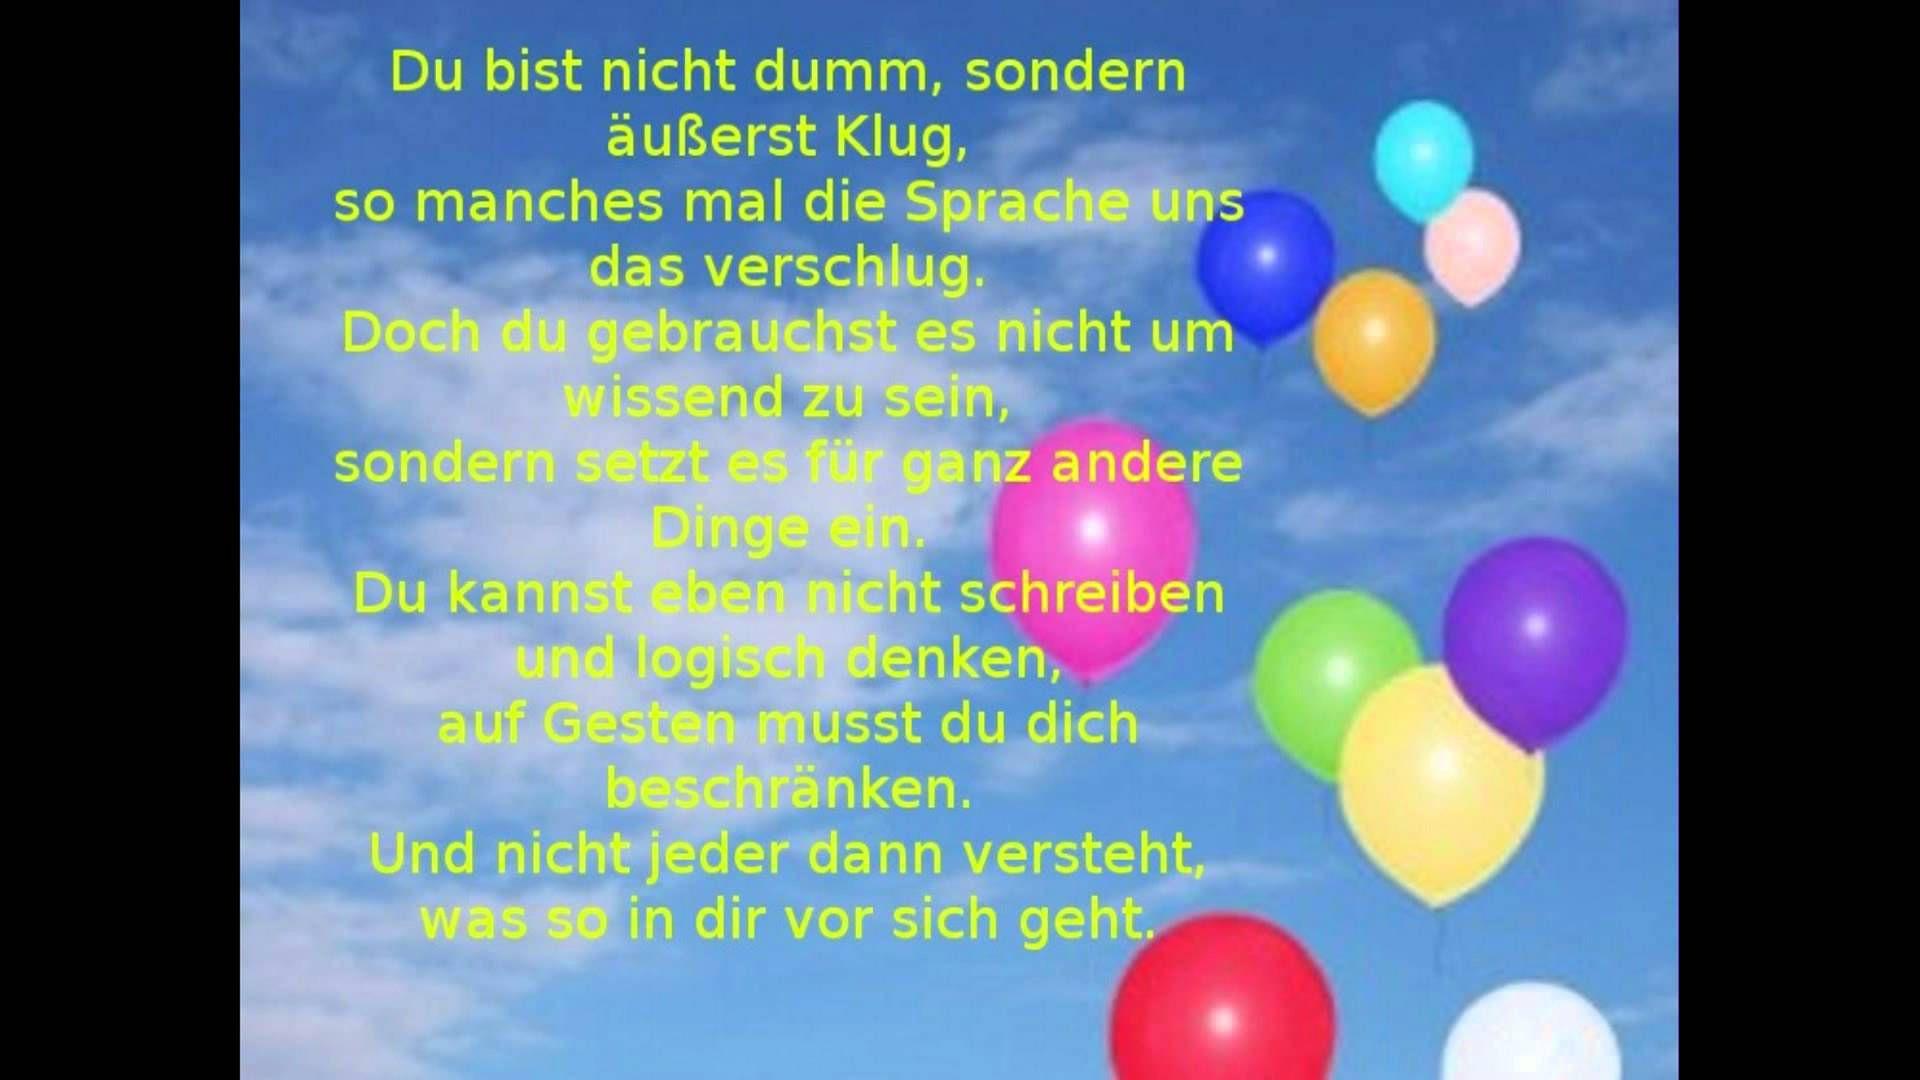 Geburtstagswünsche Zum 4 Geburtstag  Alles Gute Zum Geburtstag Sprüche Lustig